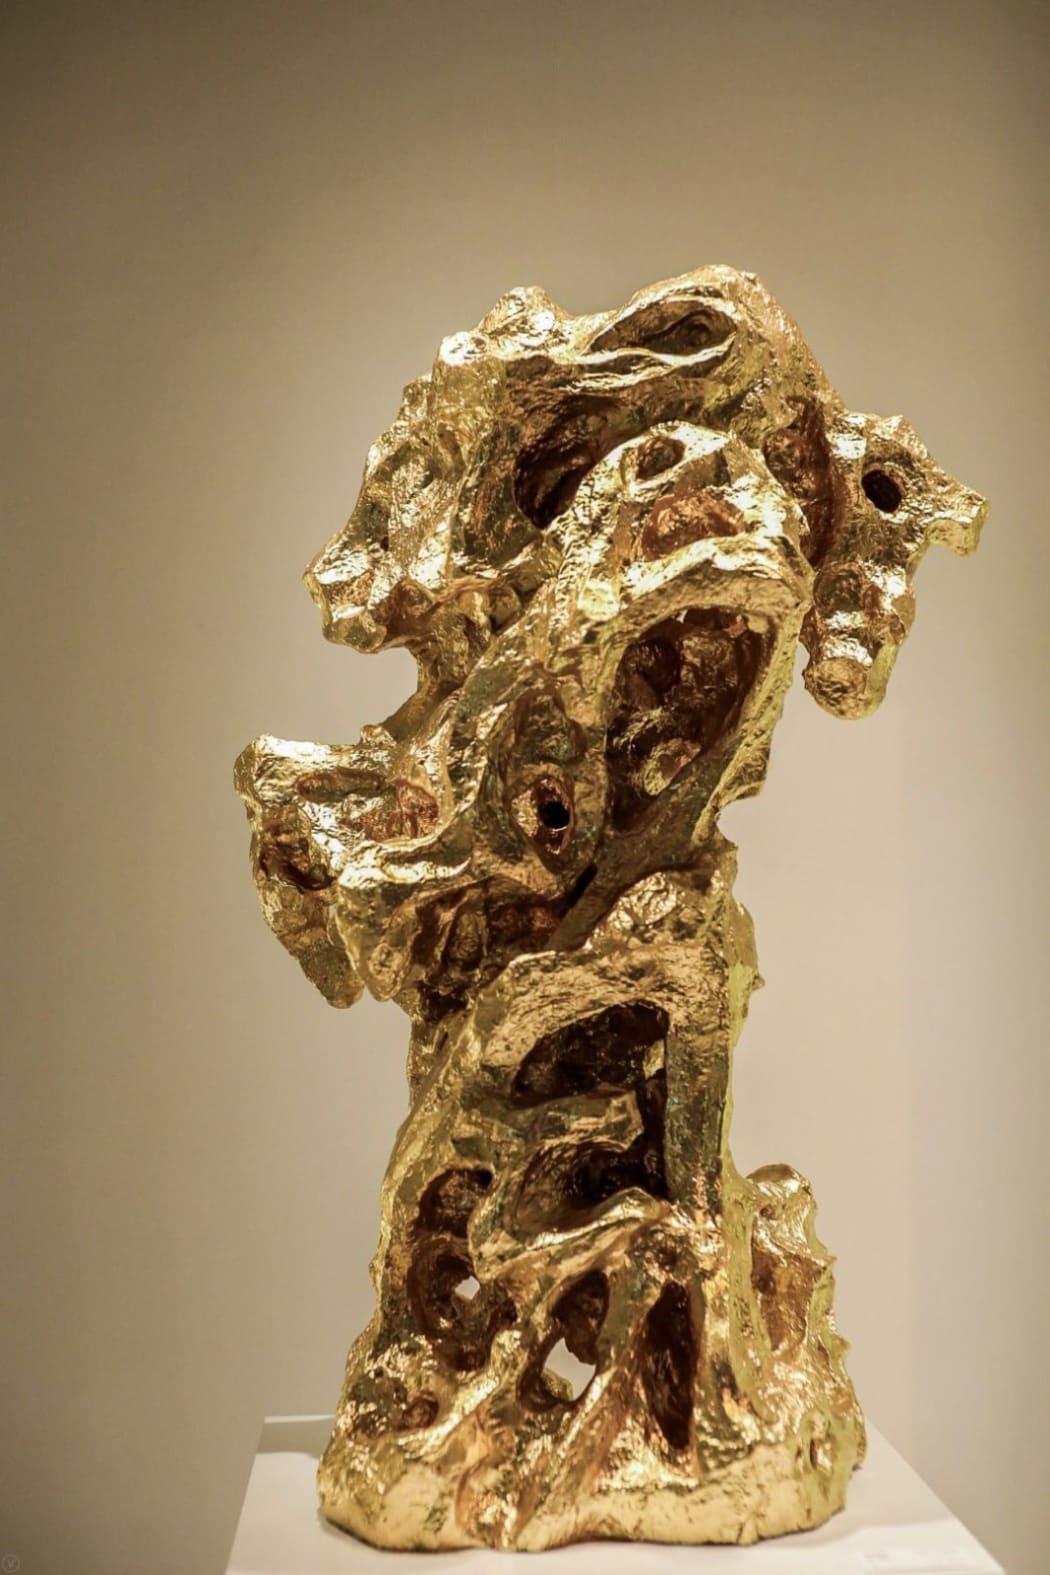 TJ Ren, East Wind, 2019, Cupronickel, bronze gilding with 24K gold, 58 x 52 x 120 cm